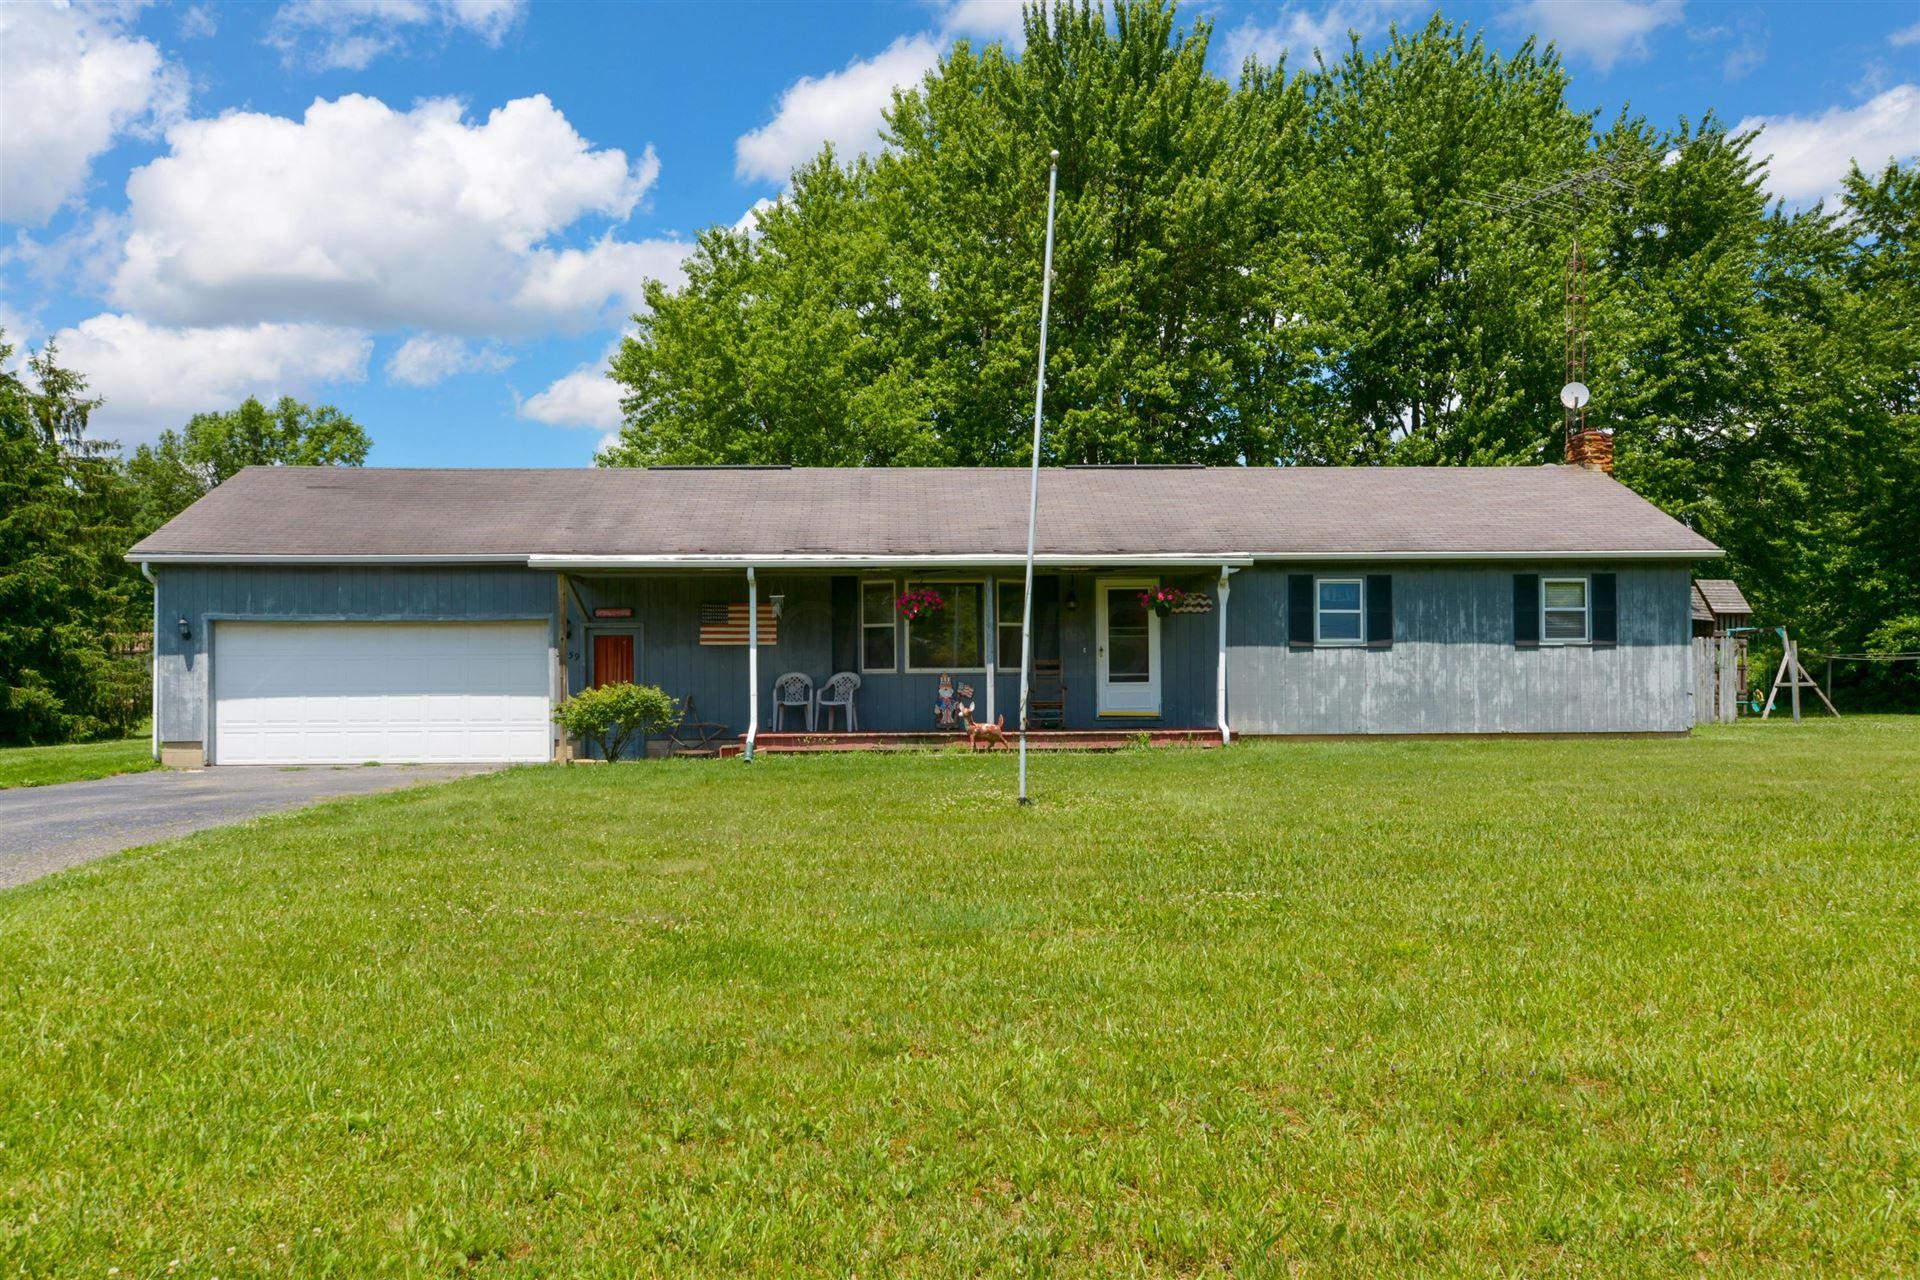 3459 County Road 25, Cardington, OH 43315 - #: 220020582